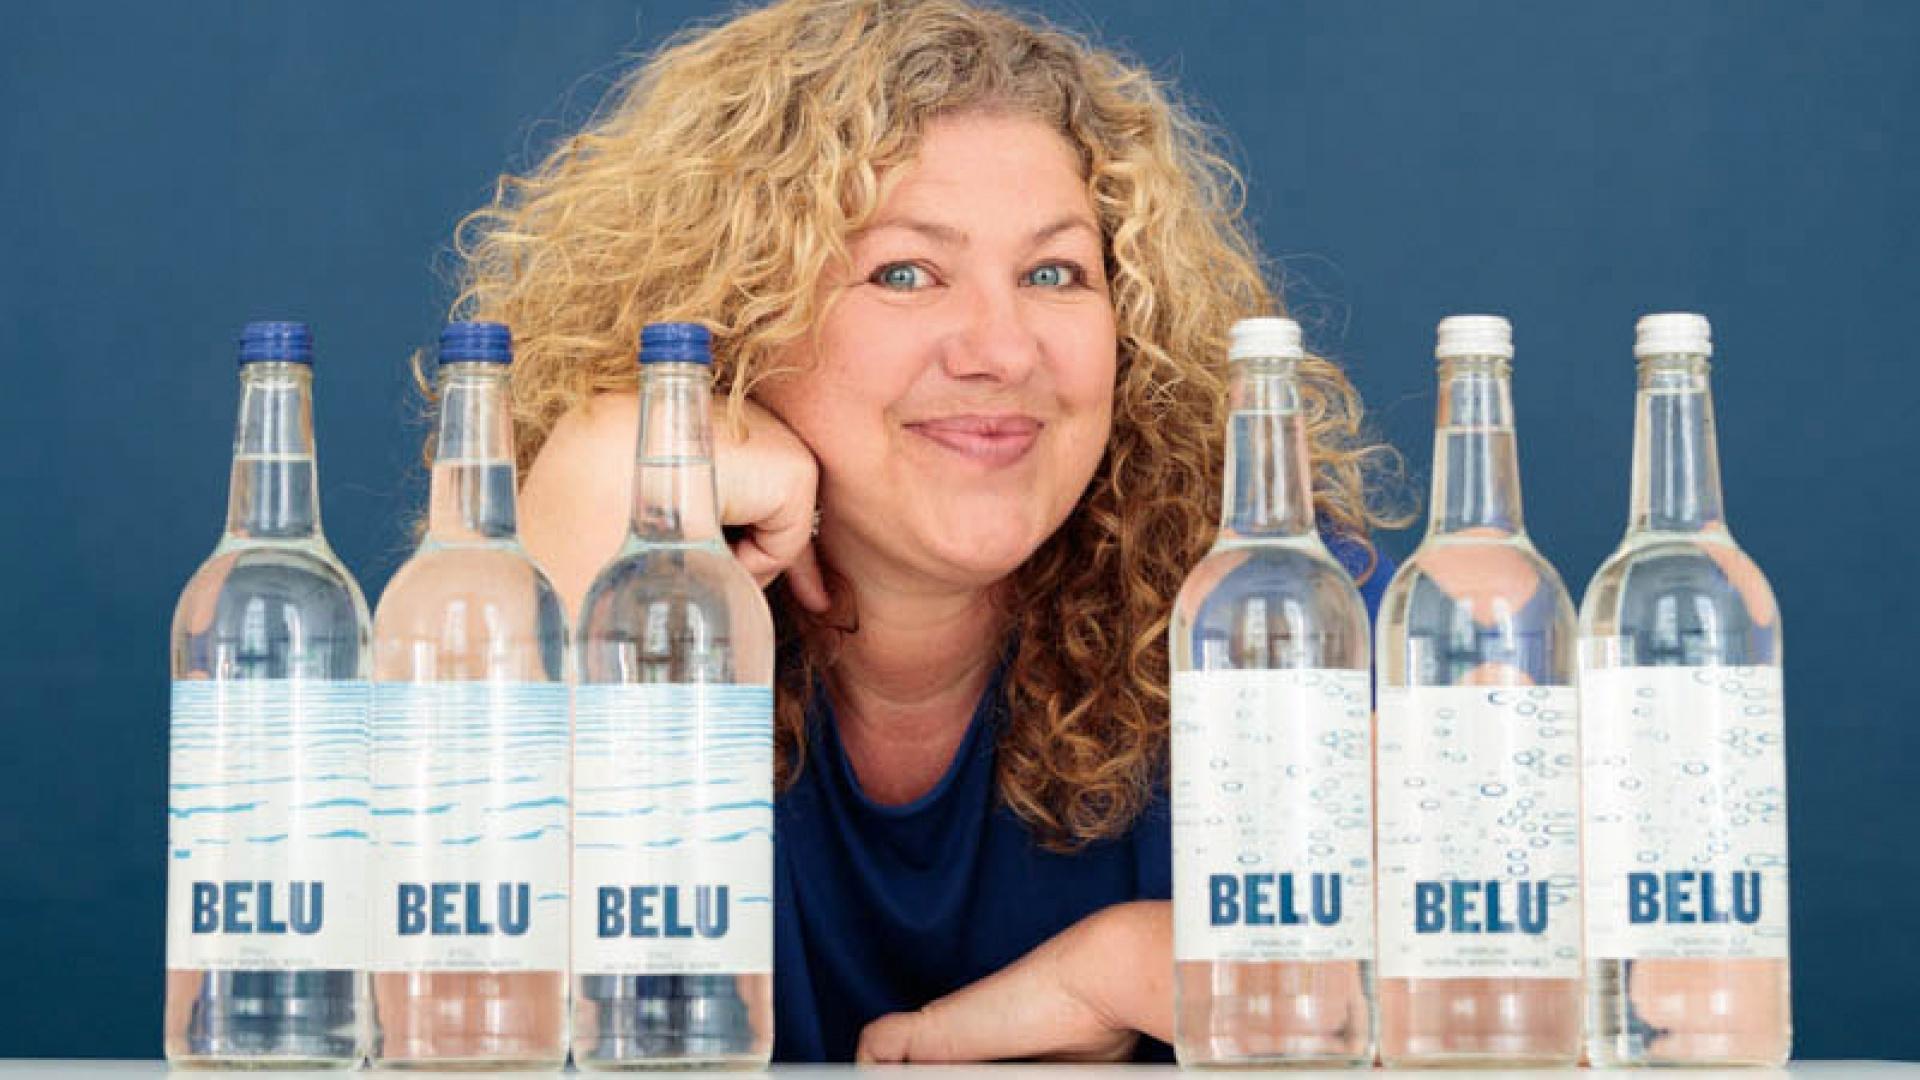 Karen CEO Belu water